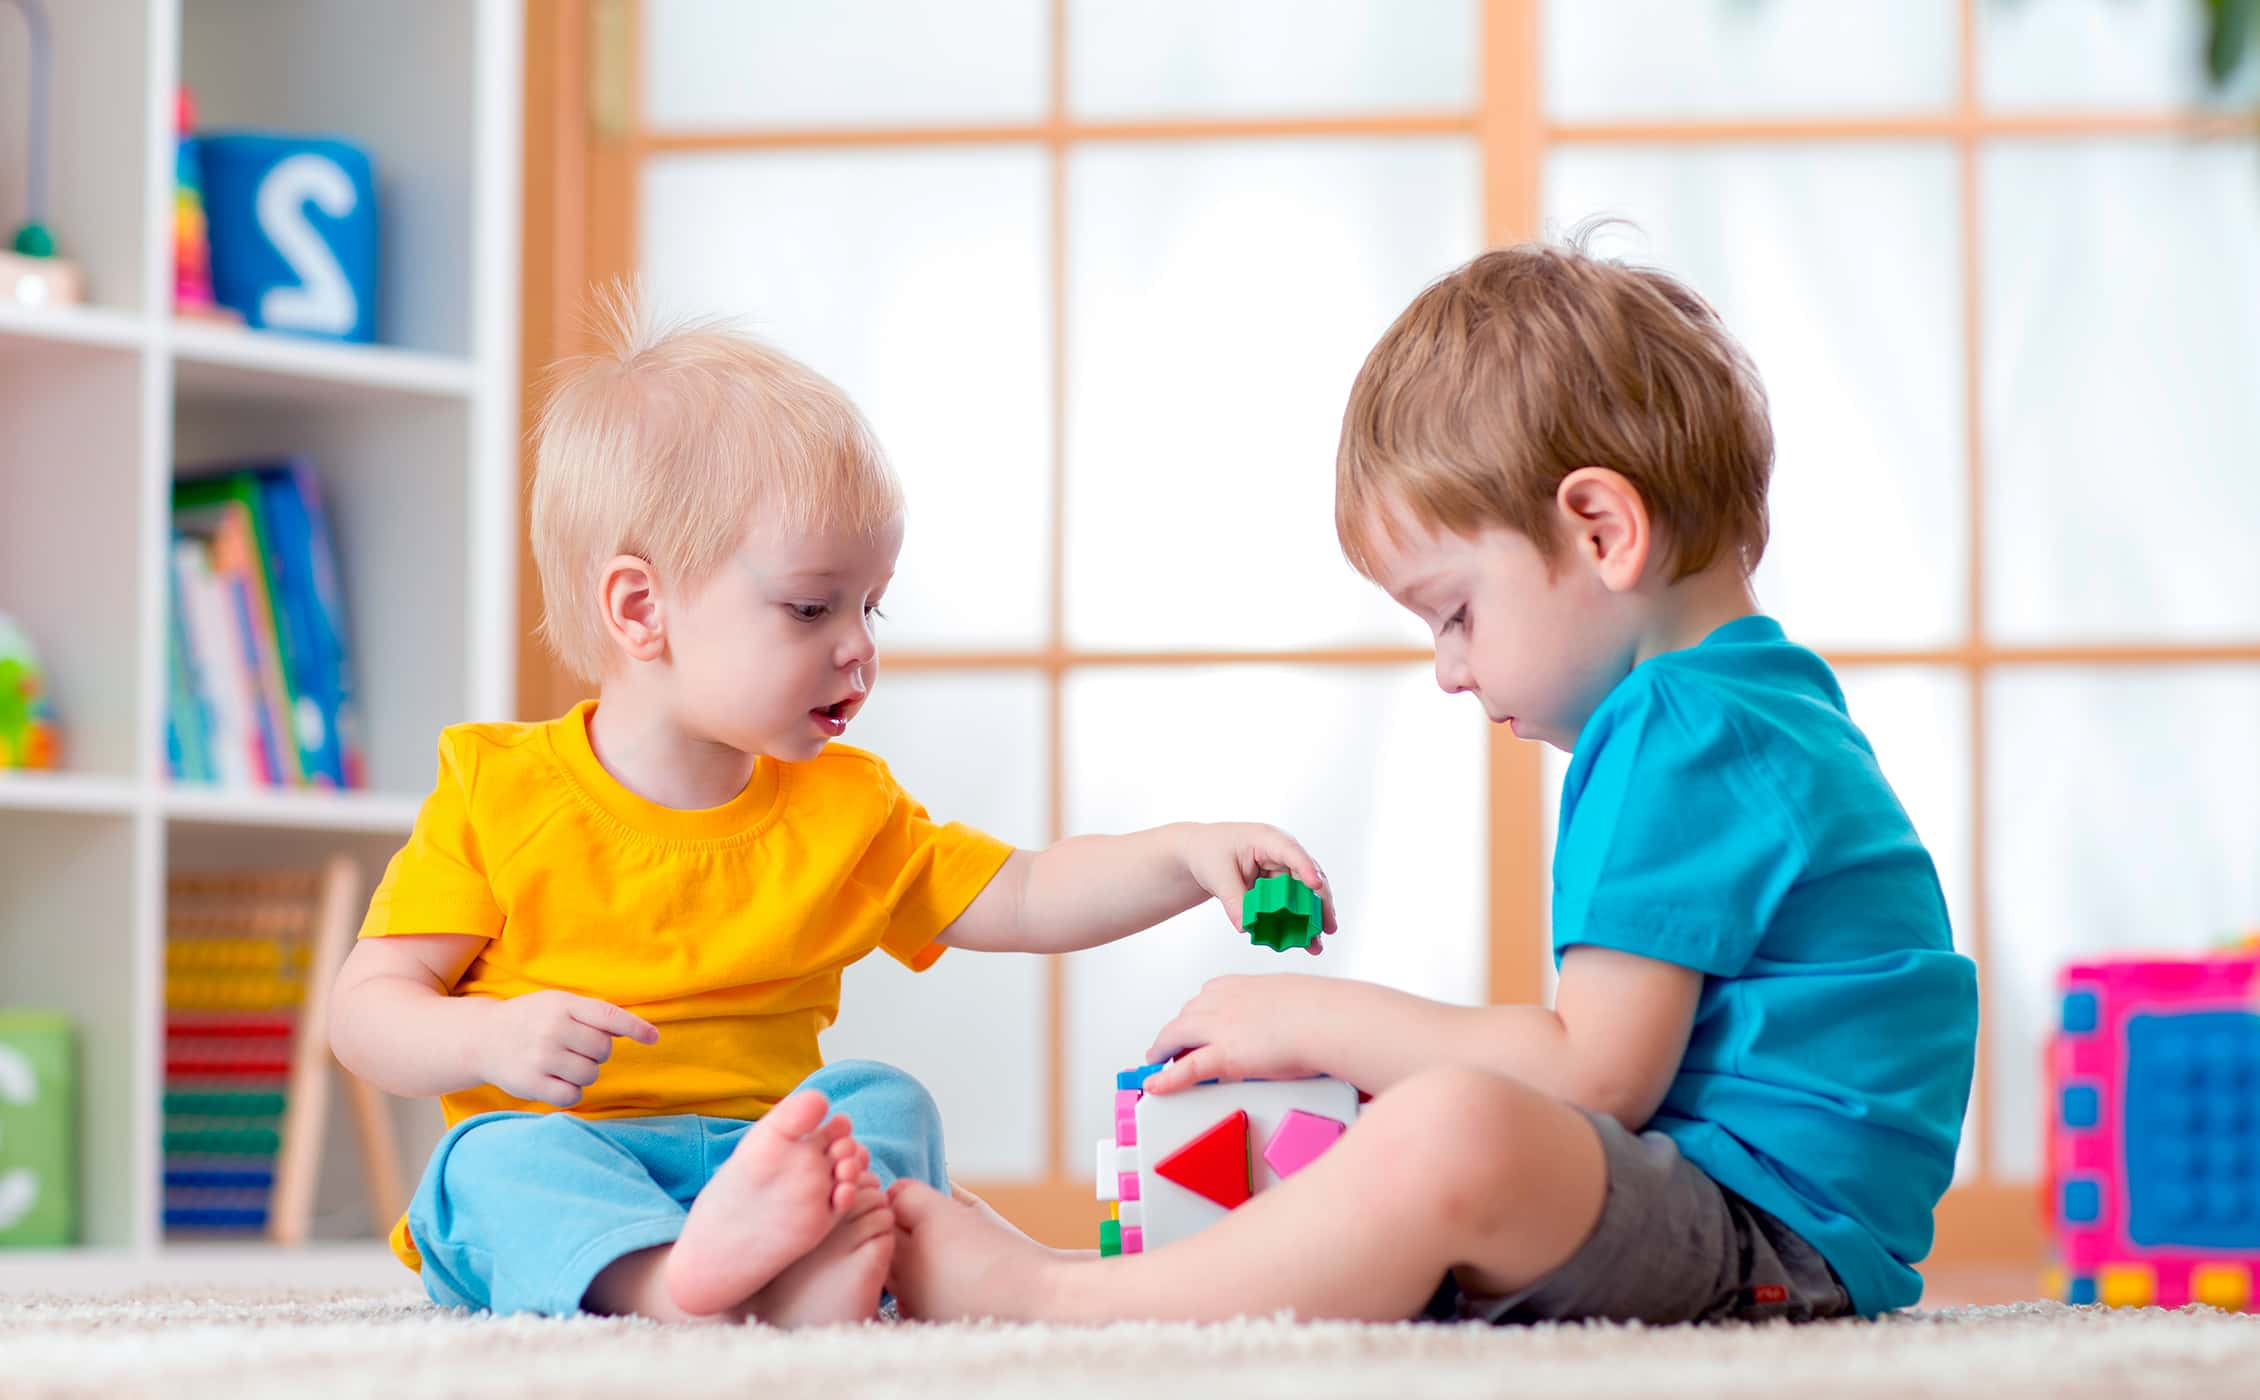 Детская жадность: что делать, если ребенок не хочет делиться